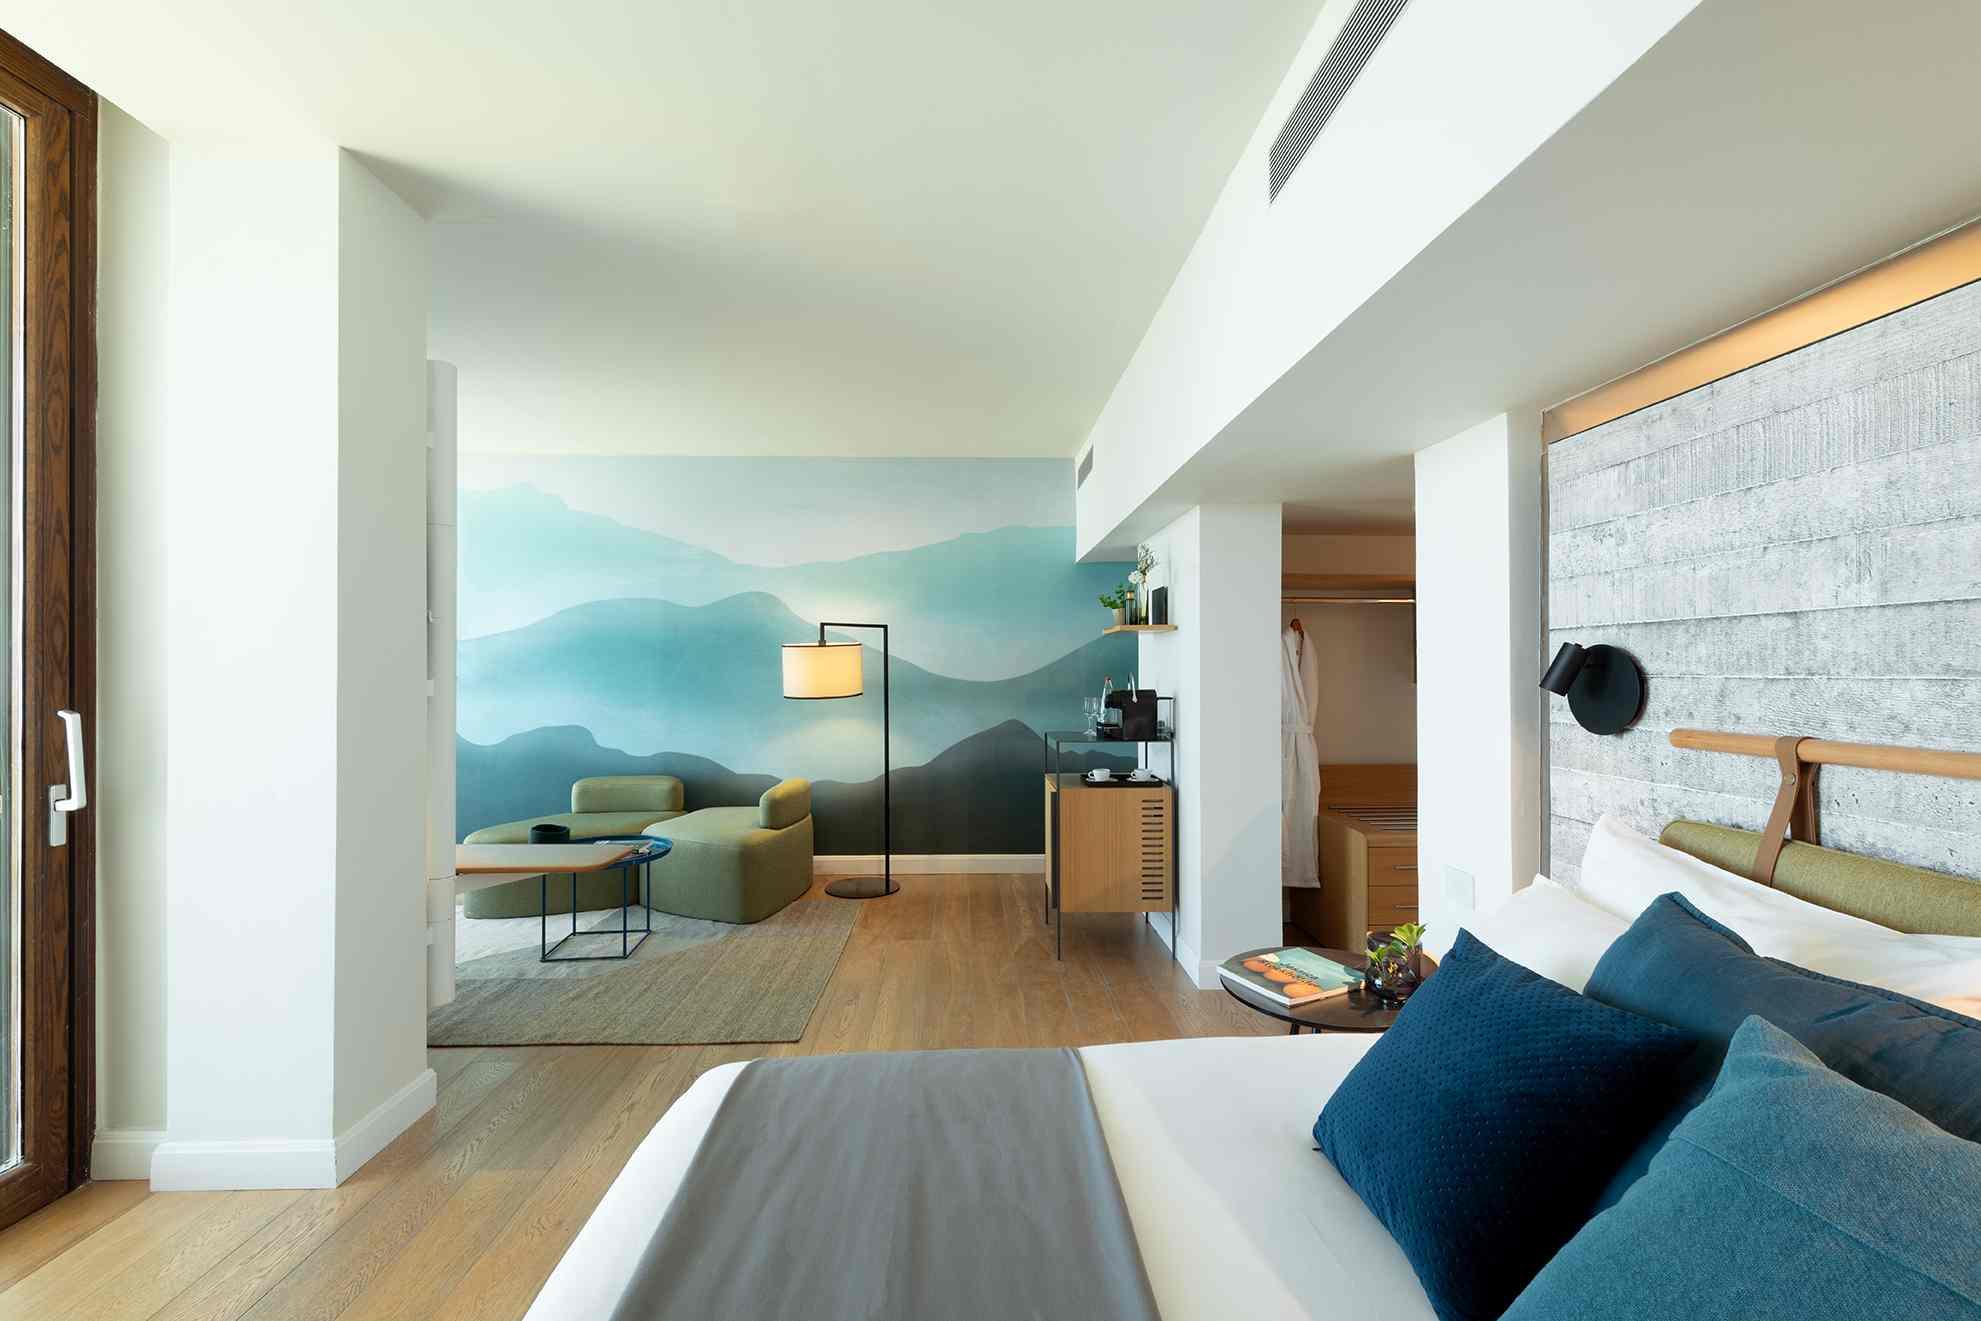 מלון אלמא המשופץ ייפתח מחדש ביולי